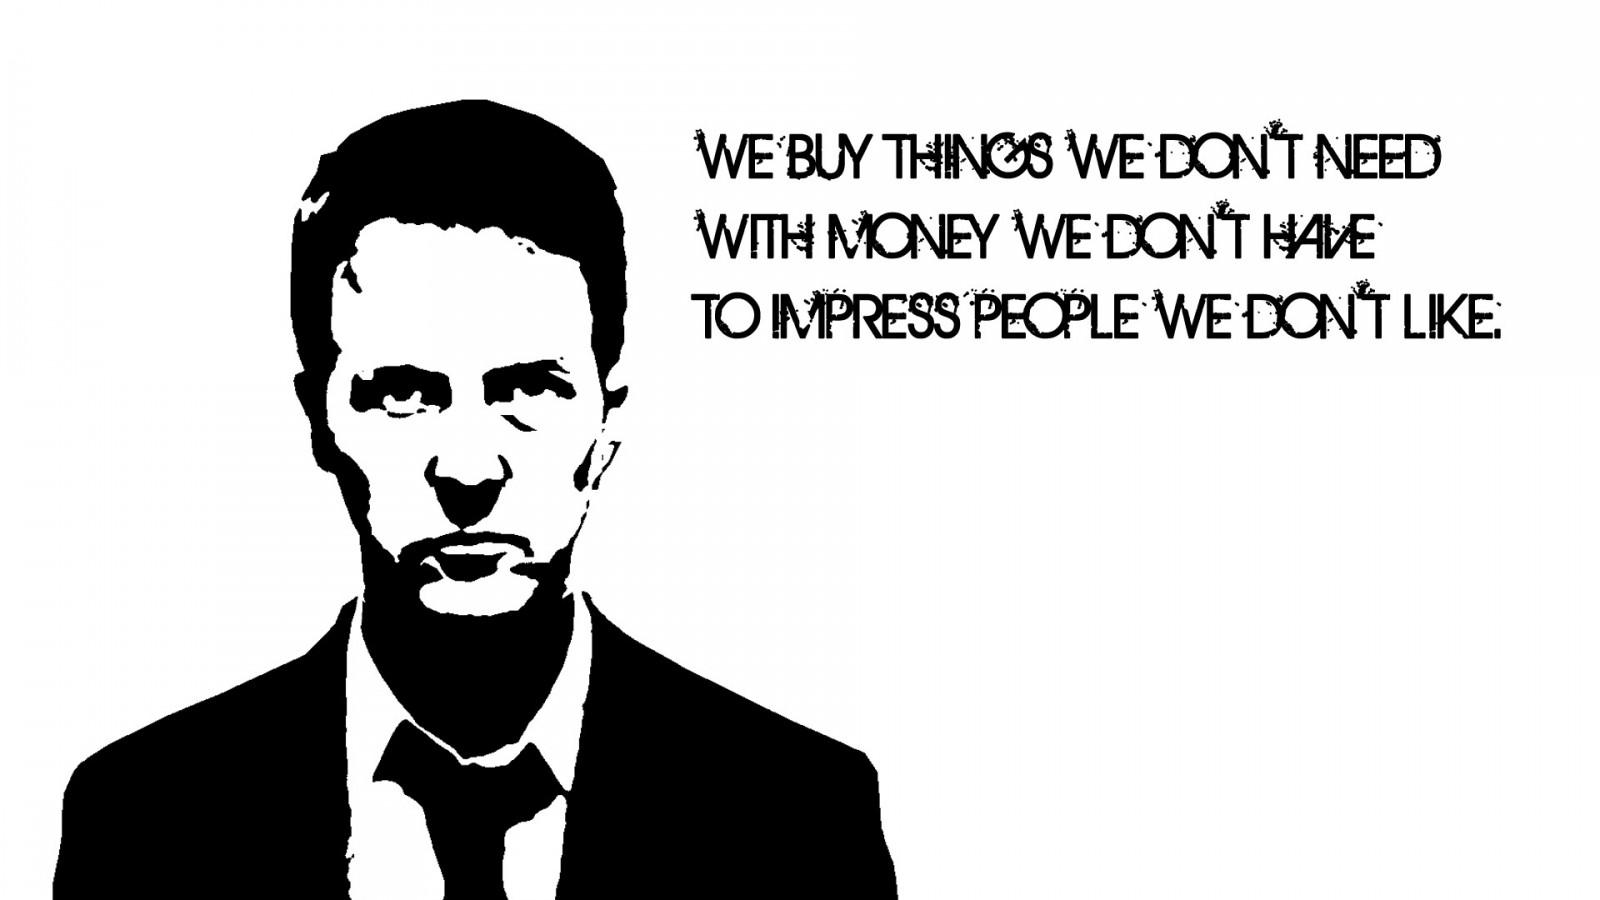 Compriamo cose che non ci servono con soldi che non abbiamo per impressionare persone che non ci piacciono